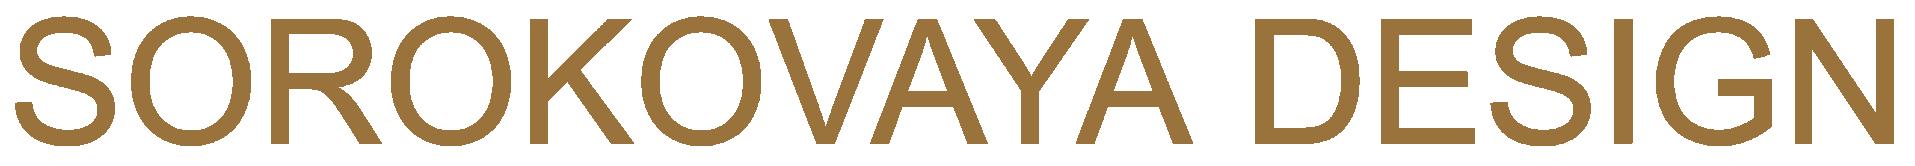 Sorokovaya Design ügyfél logó